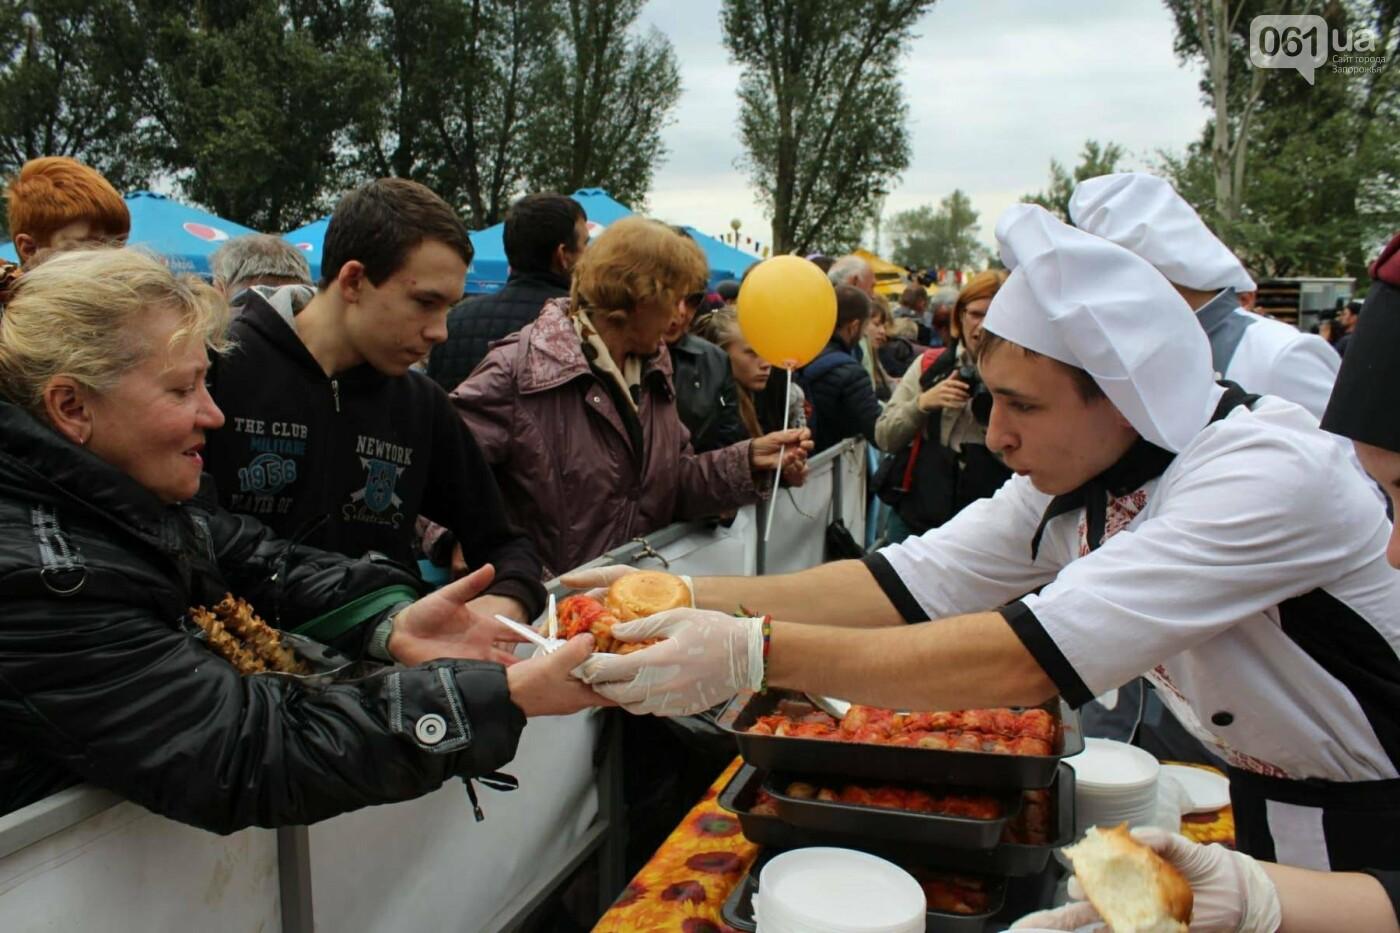 В Запорожье на ярмарке под баян начали раздавать голубцы: пока без драк, - ФОТОРЕПОРТАЖ, фото-15